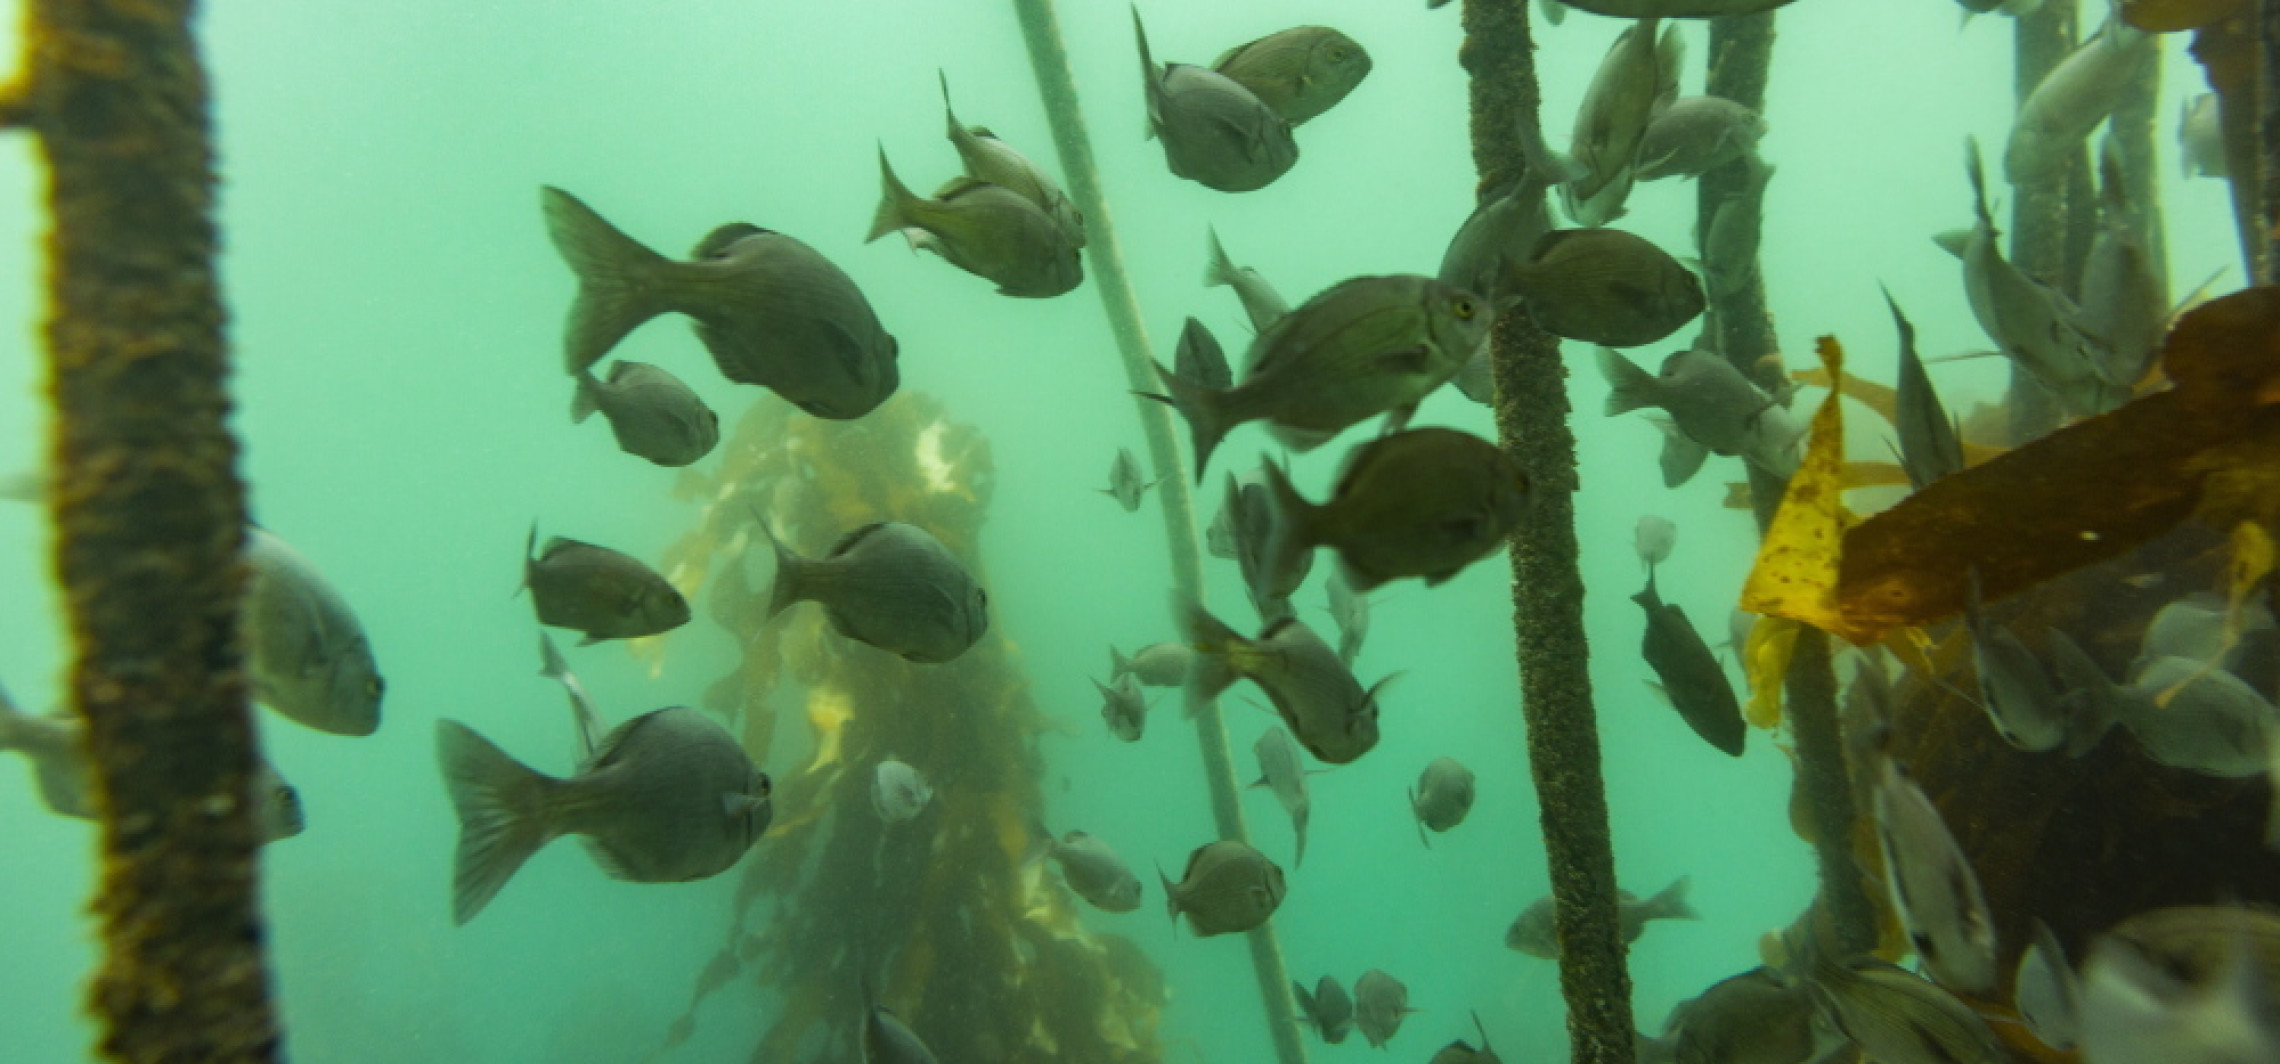 Badanie: w śródlądowych wodach zaczyna brakować tlenu